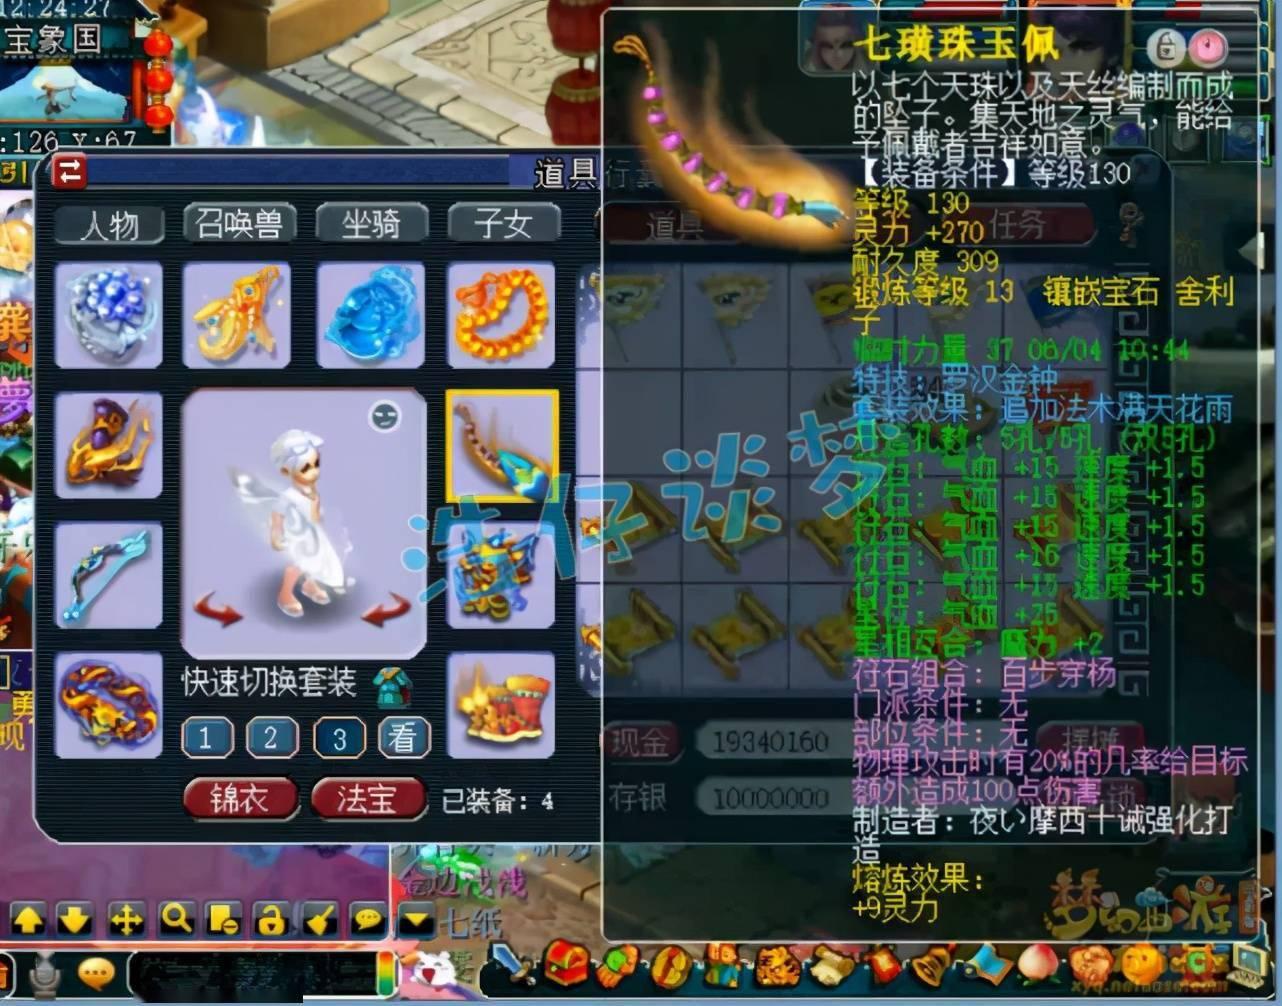 梦幻西游:159级顶级花果山,15+10超强硬件,擂台轻松1挑3                                   图3